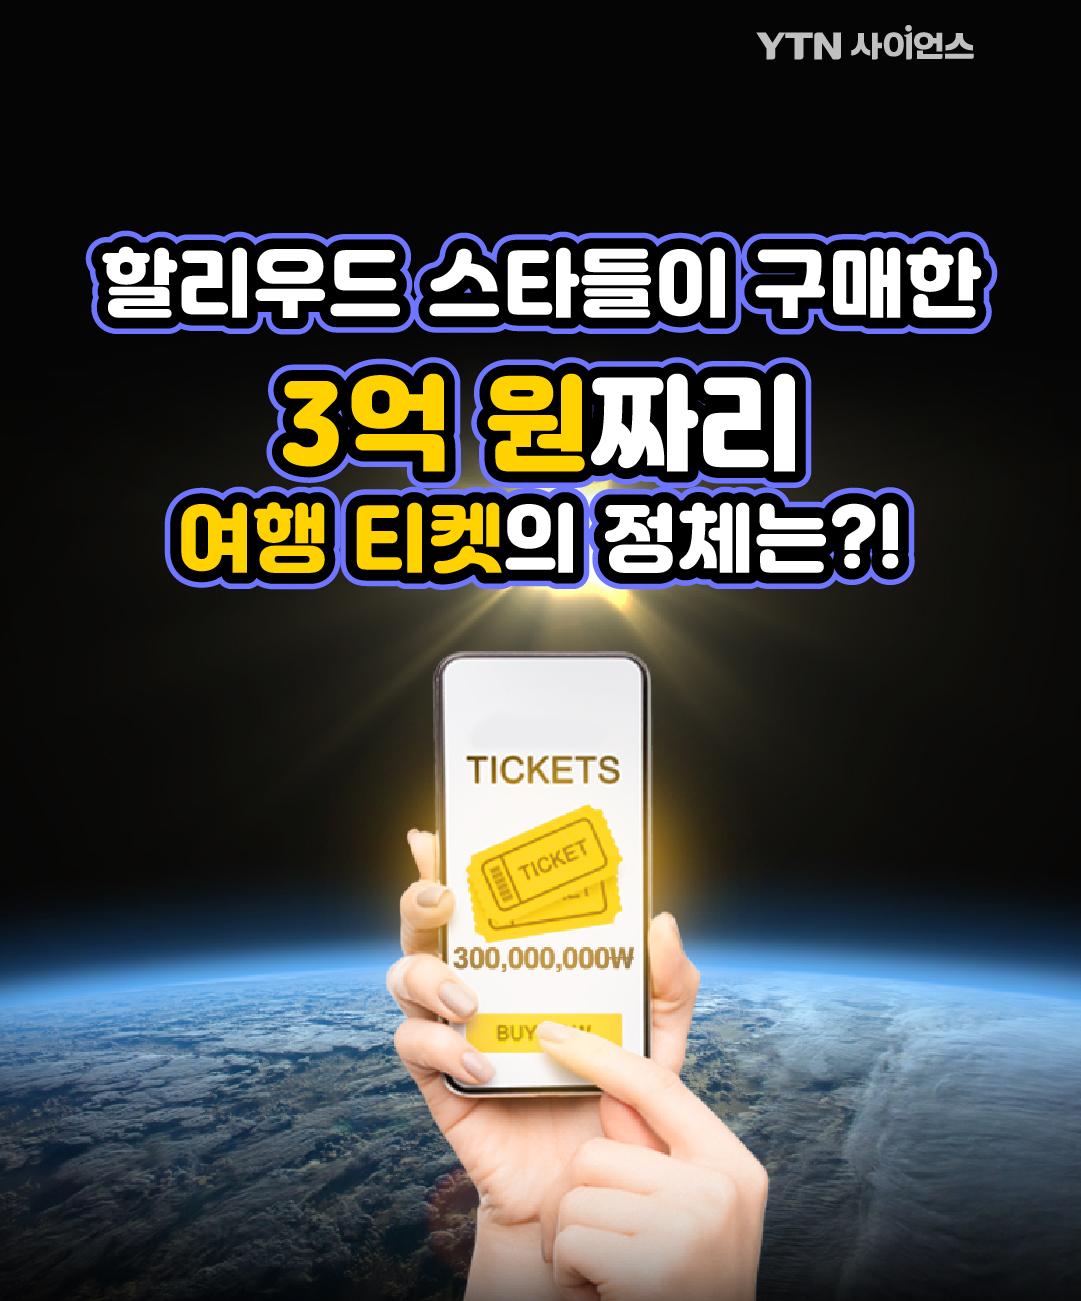 할리우드 스타들이 구매한 3억 원짜리 여행 티켓의 정체는?! 이미지